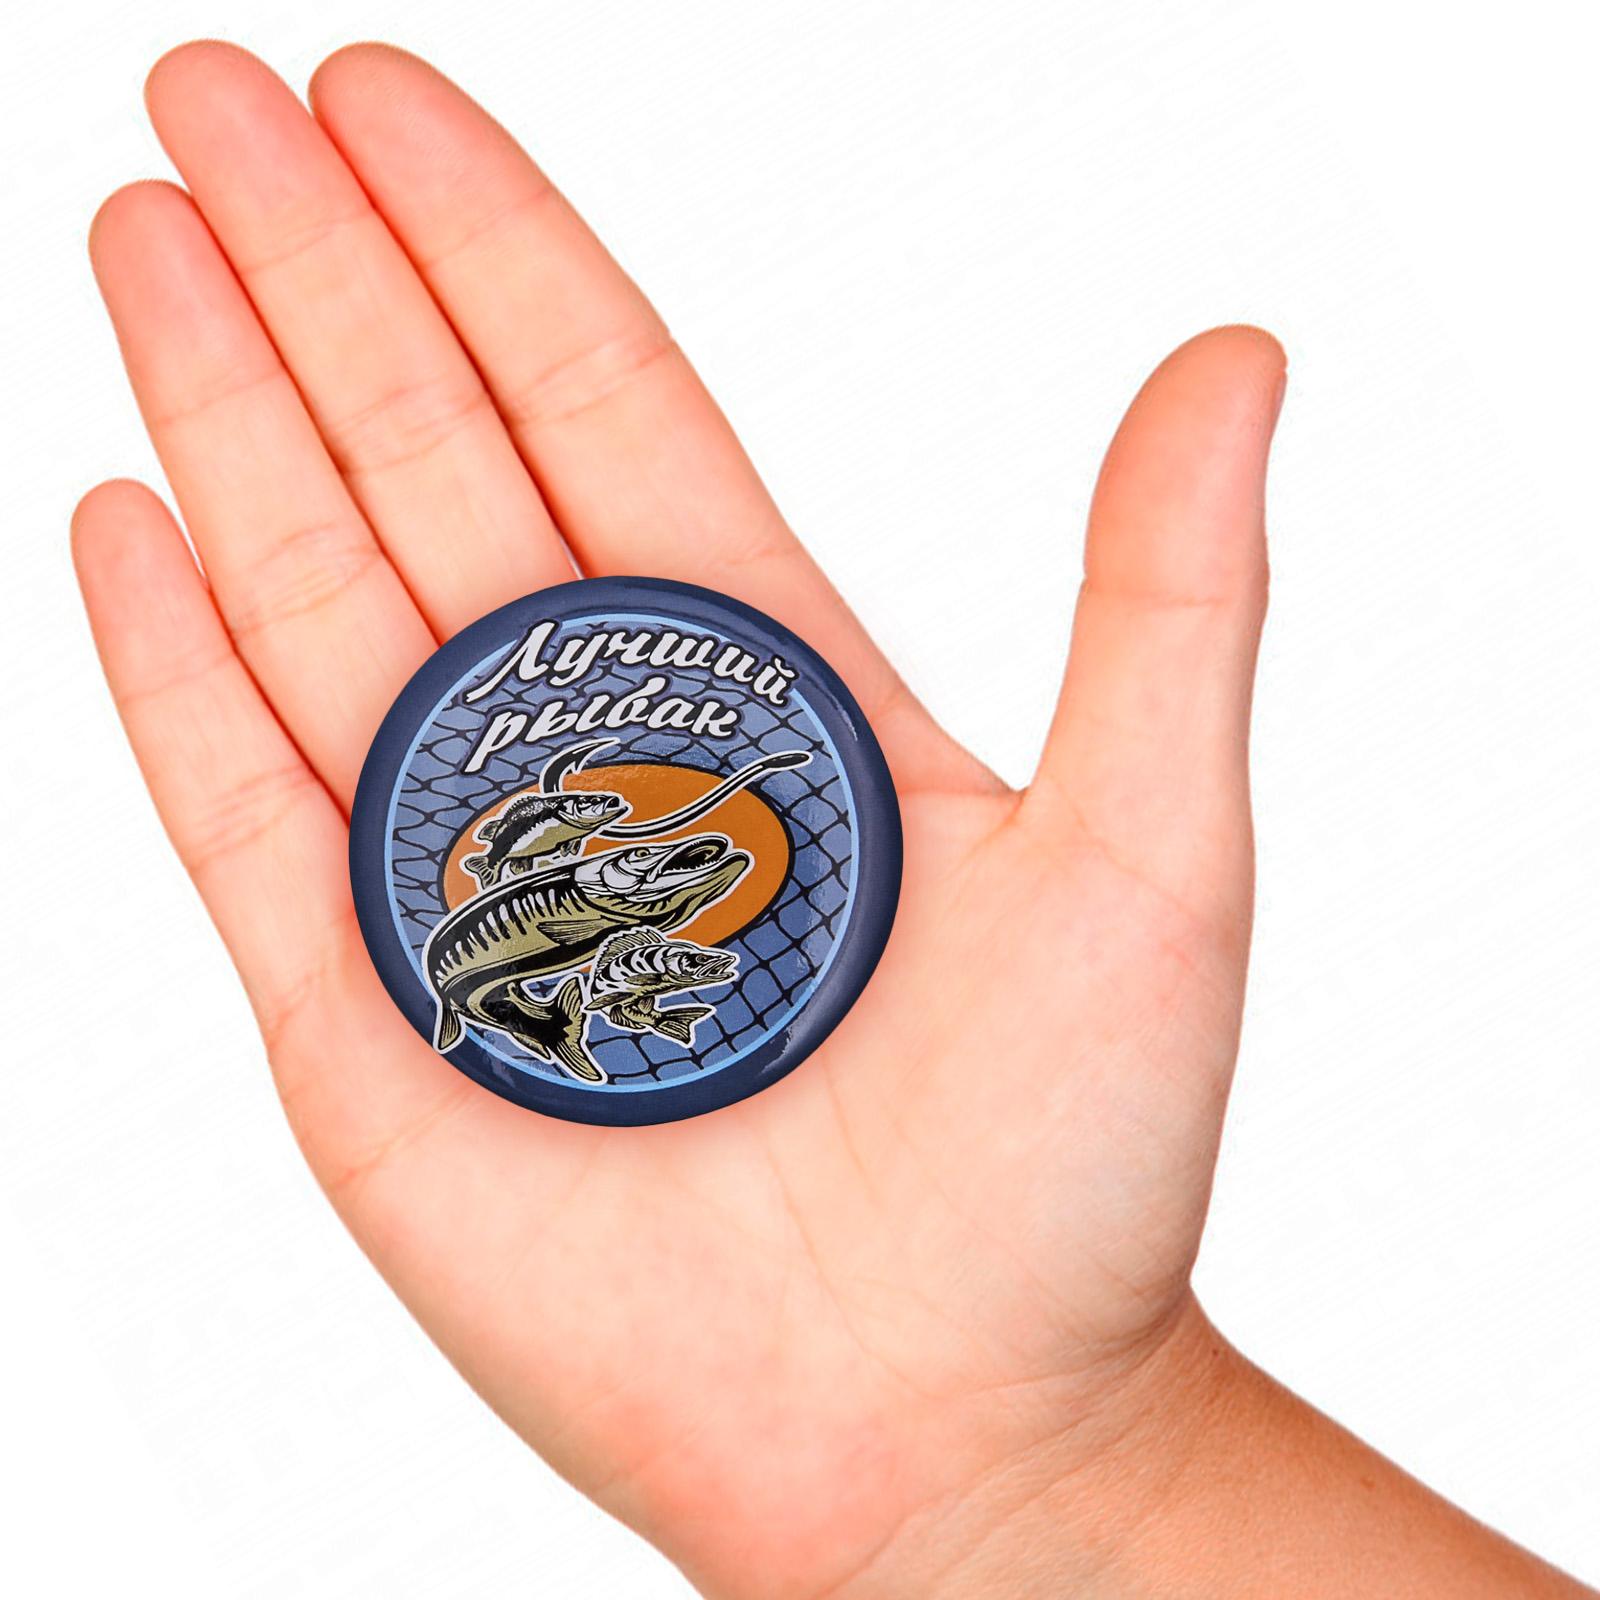 Заказать сувенирный значок «Лучший рыбак»